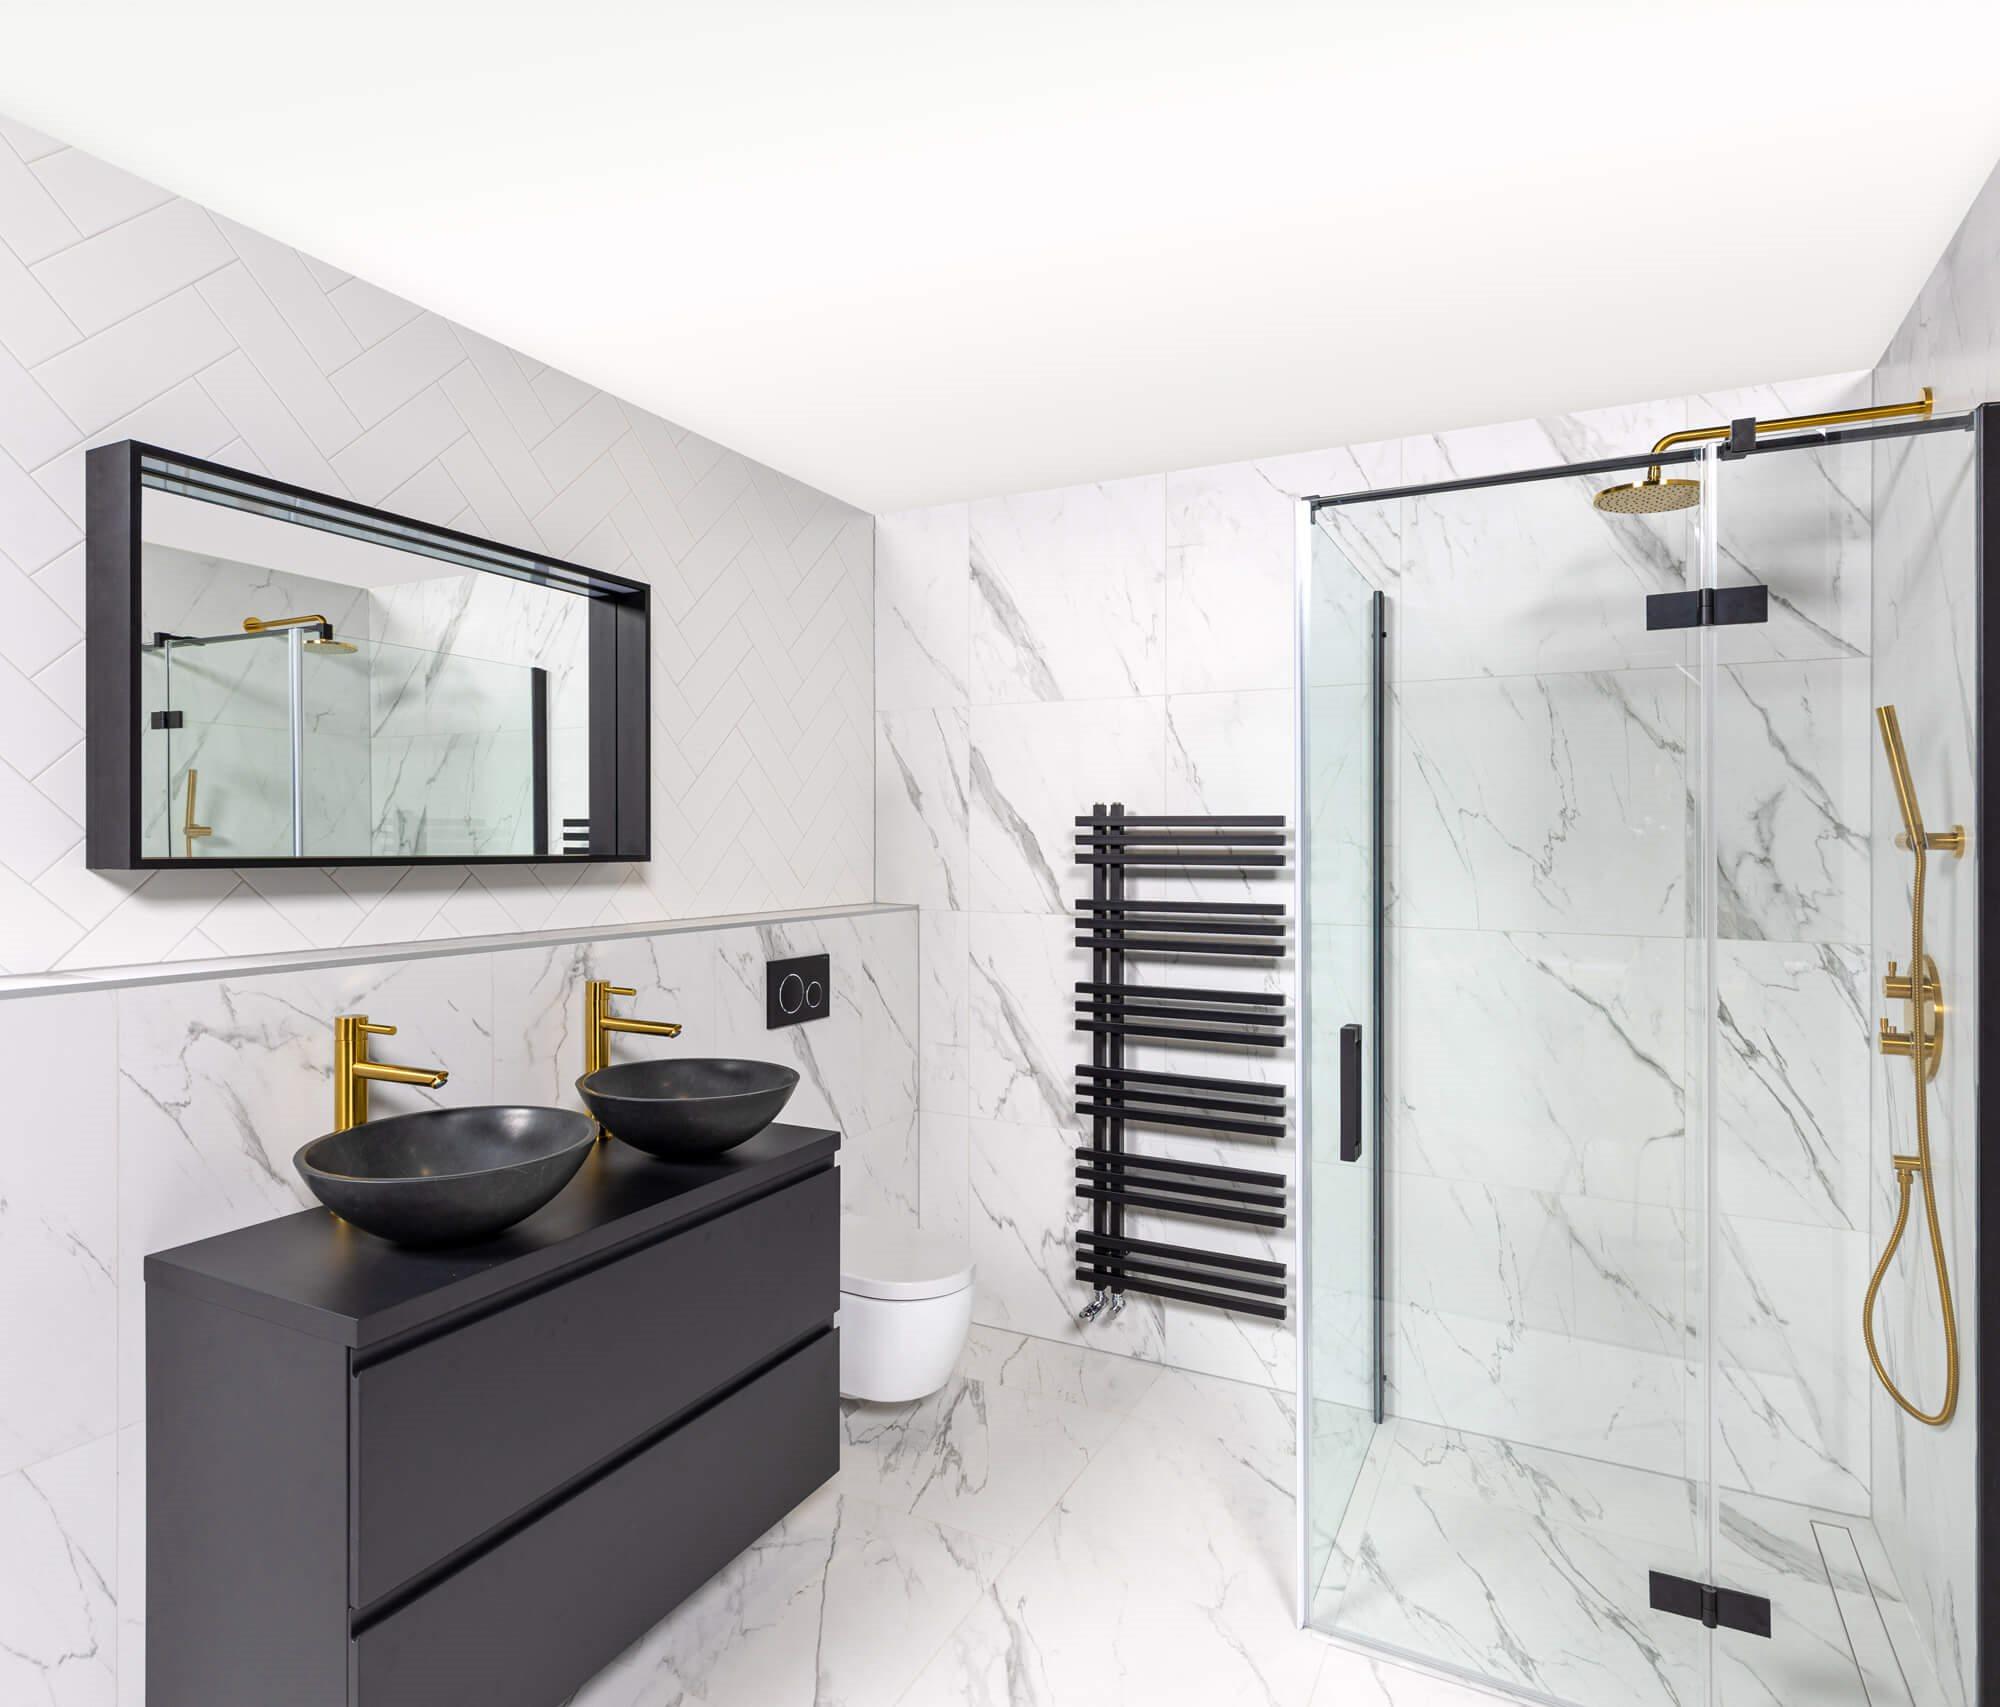 stappenplan-badkamer-verbouwen.jpg